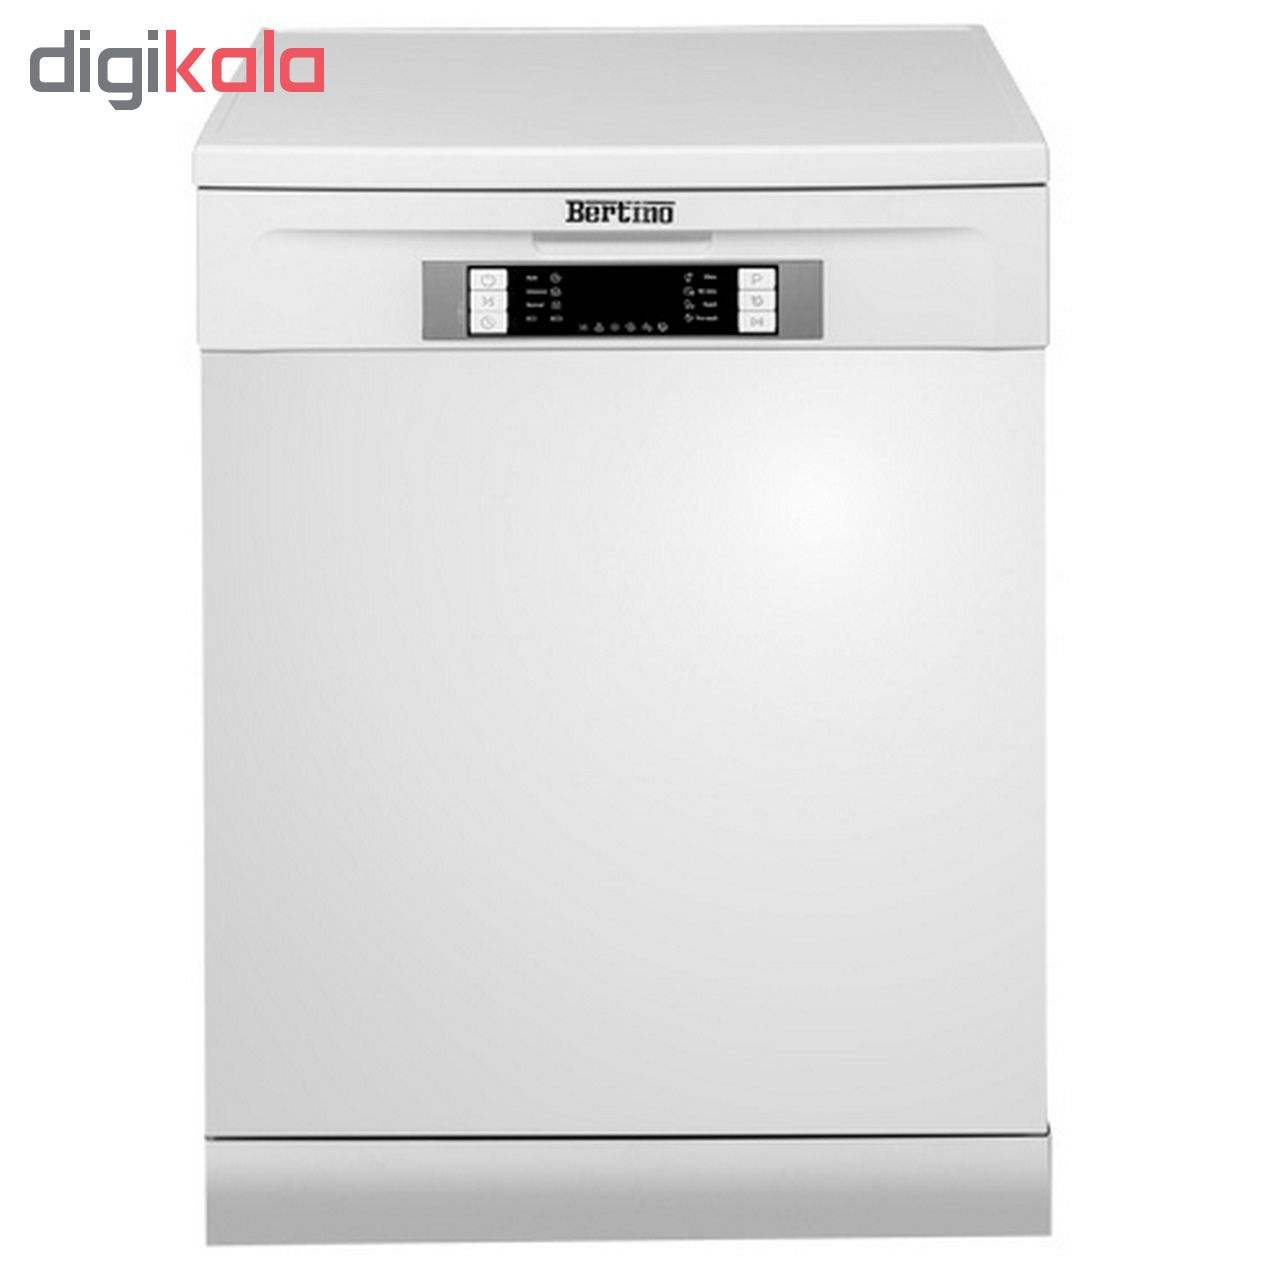 ماشین ظرفشویی برتینو مدل BWD1425